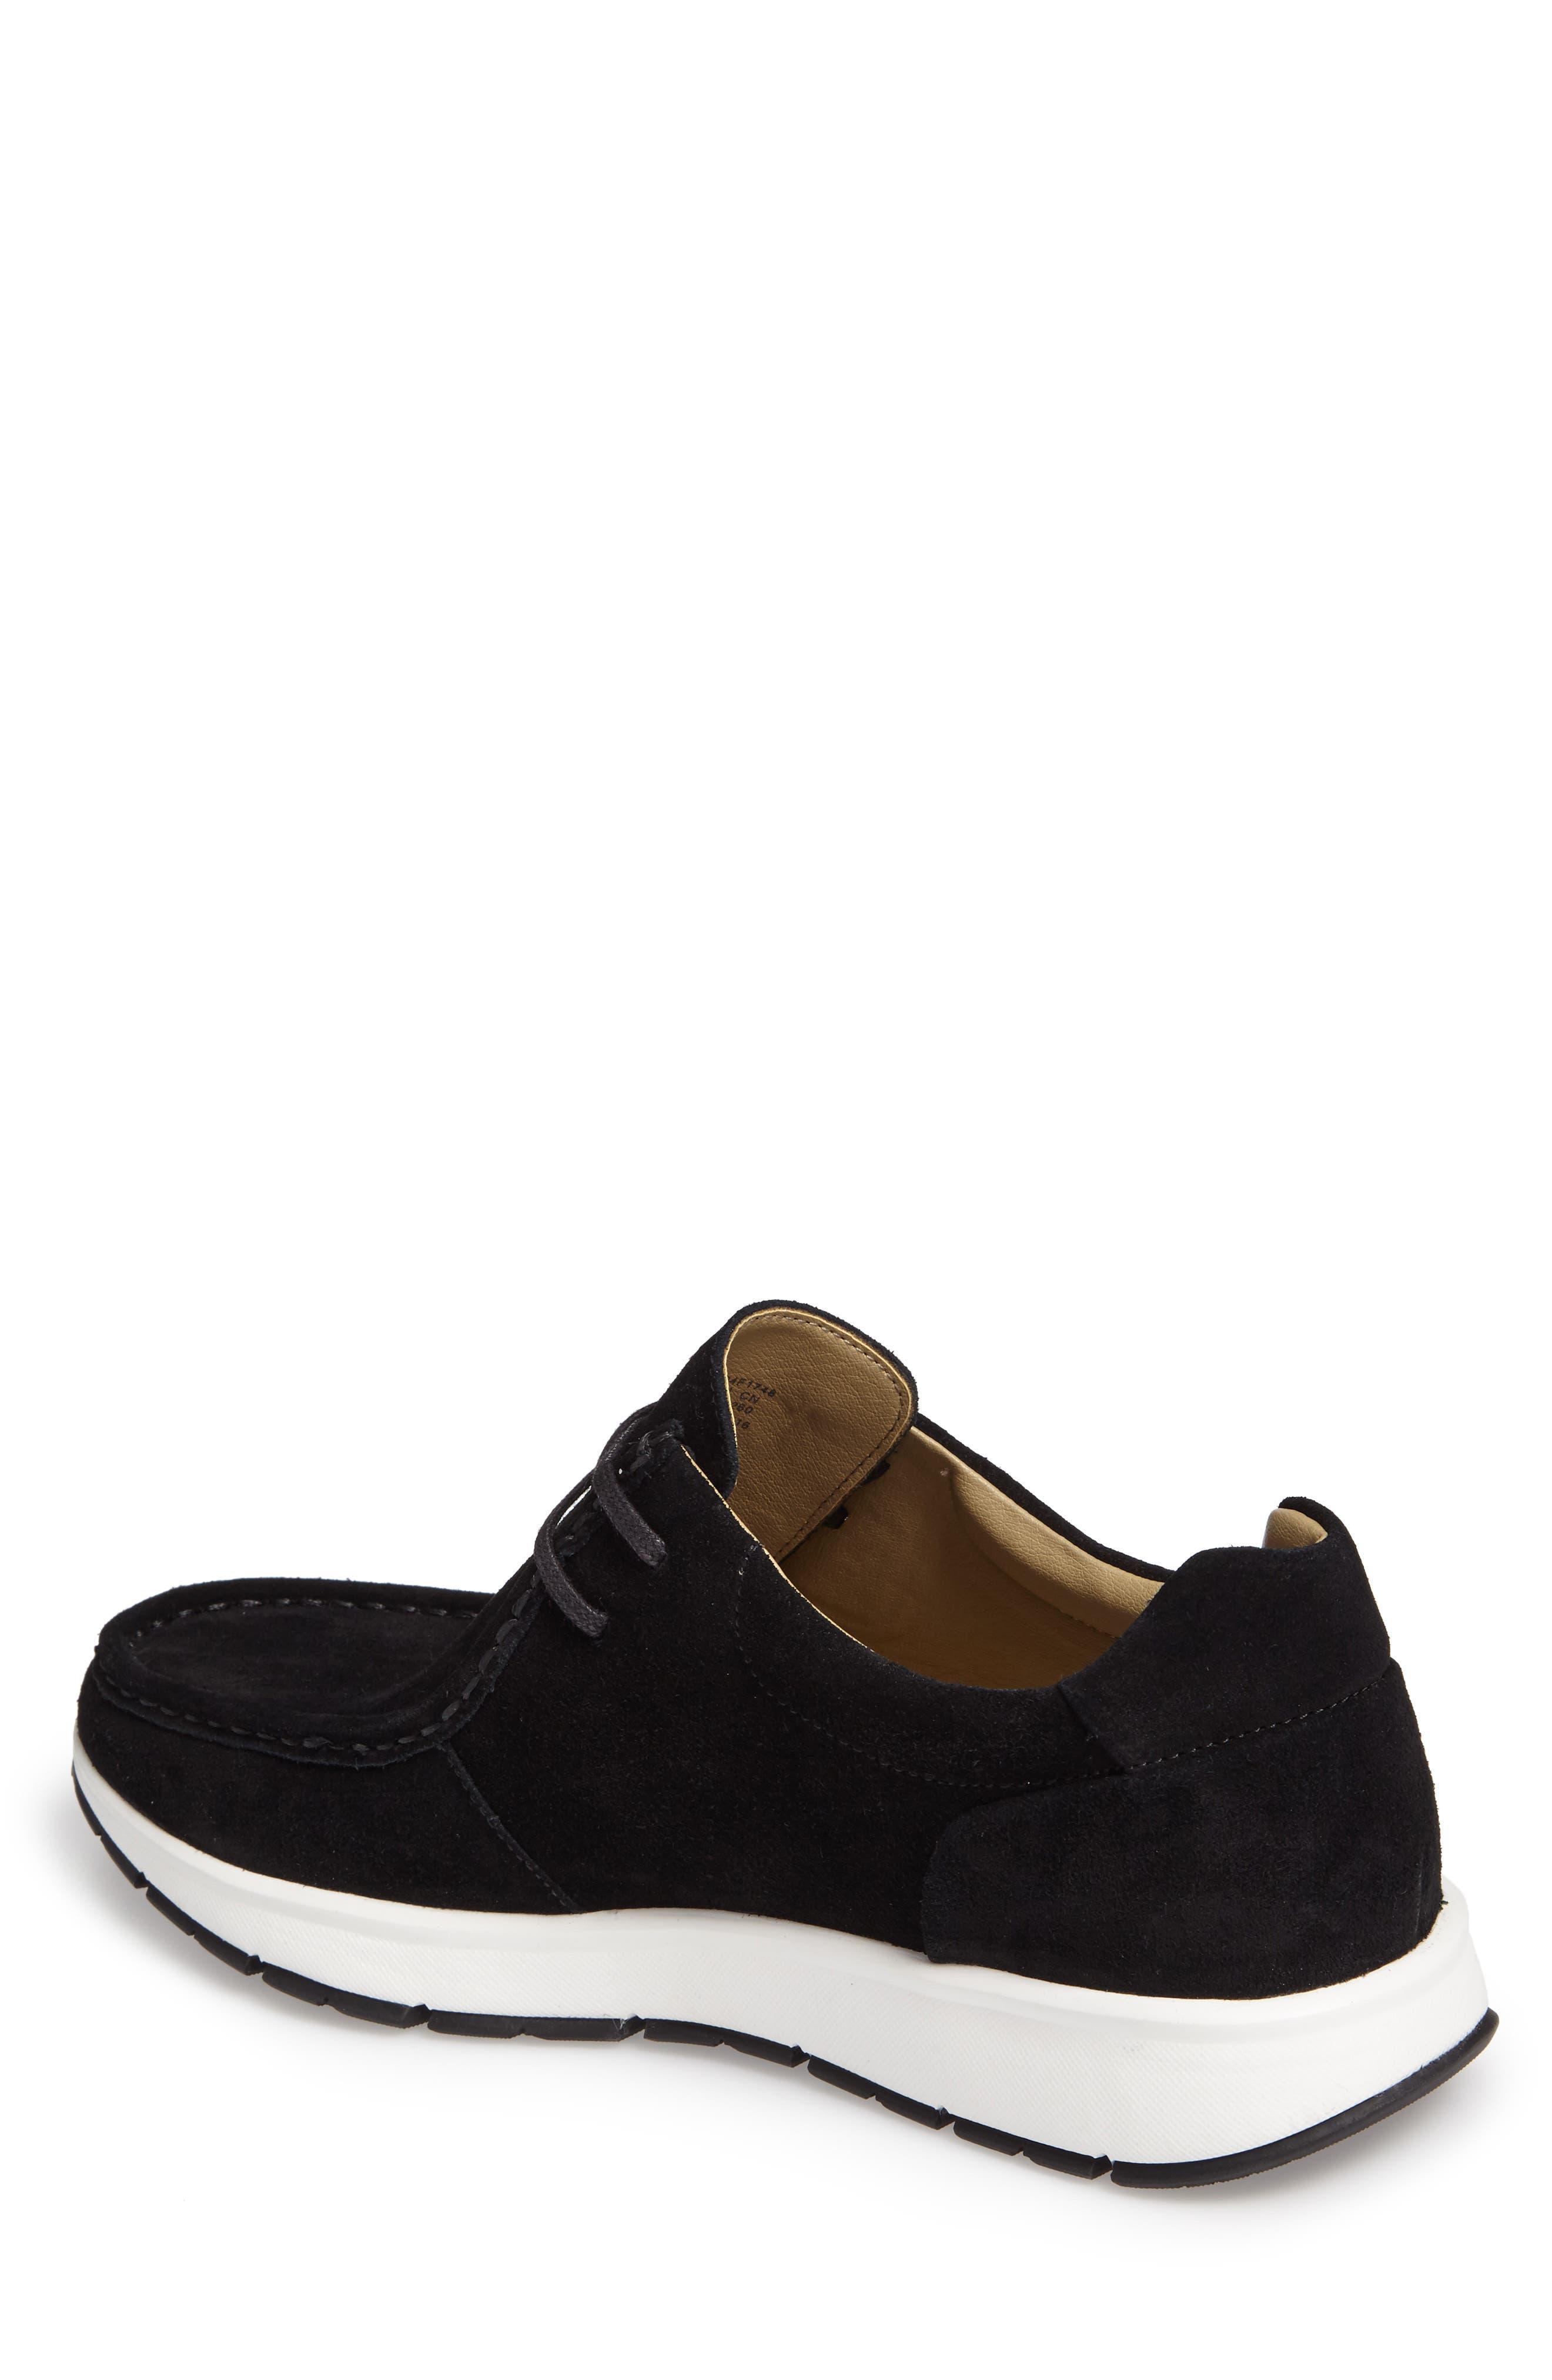 Alternate Image 2  - Calvin Klein Kingsley Chukka Sneaker (Men)